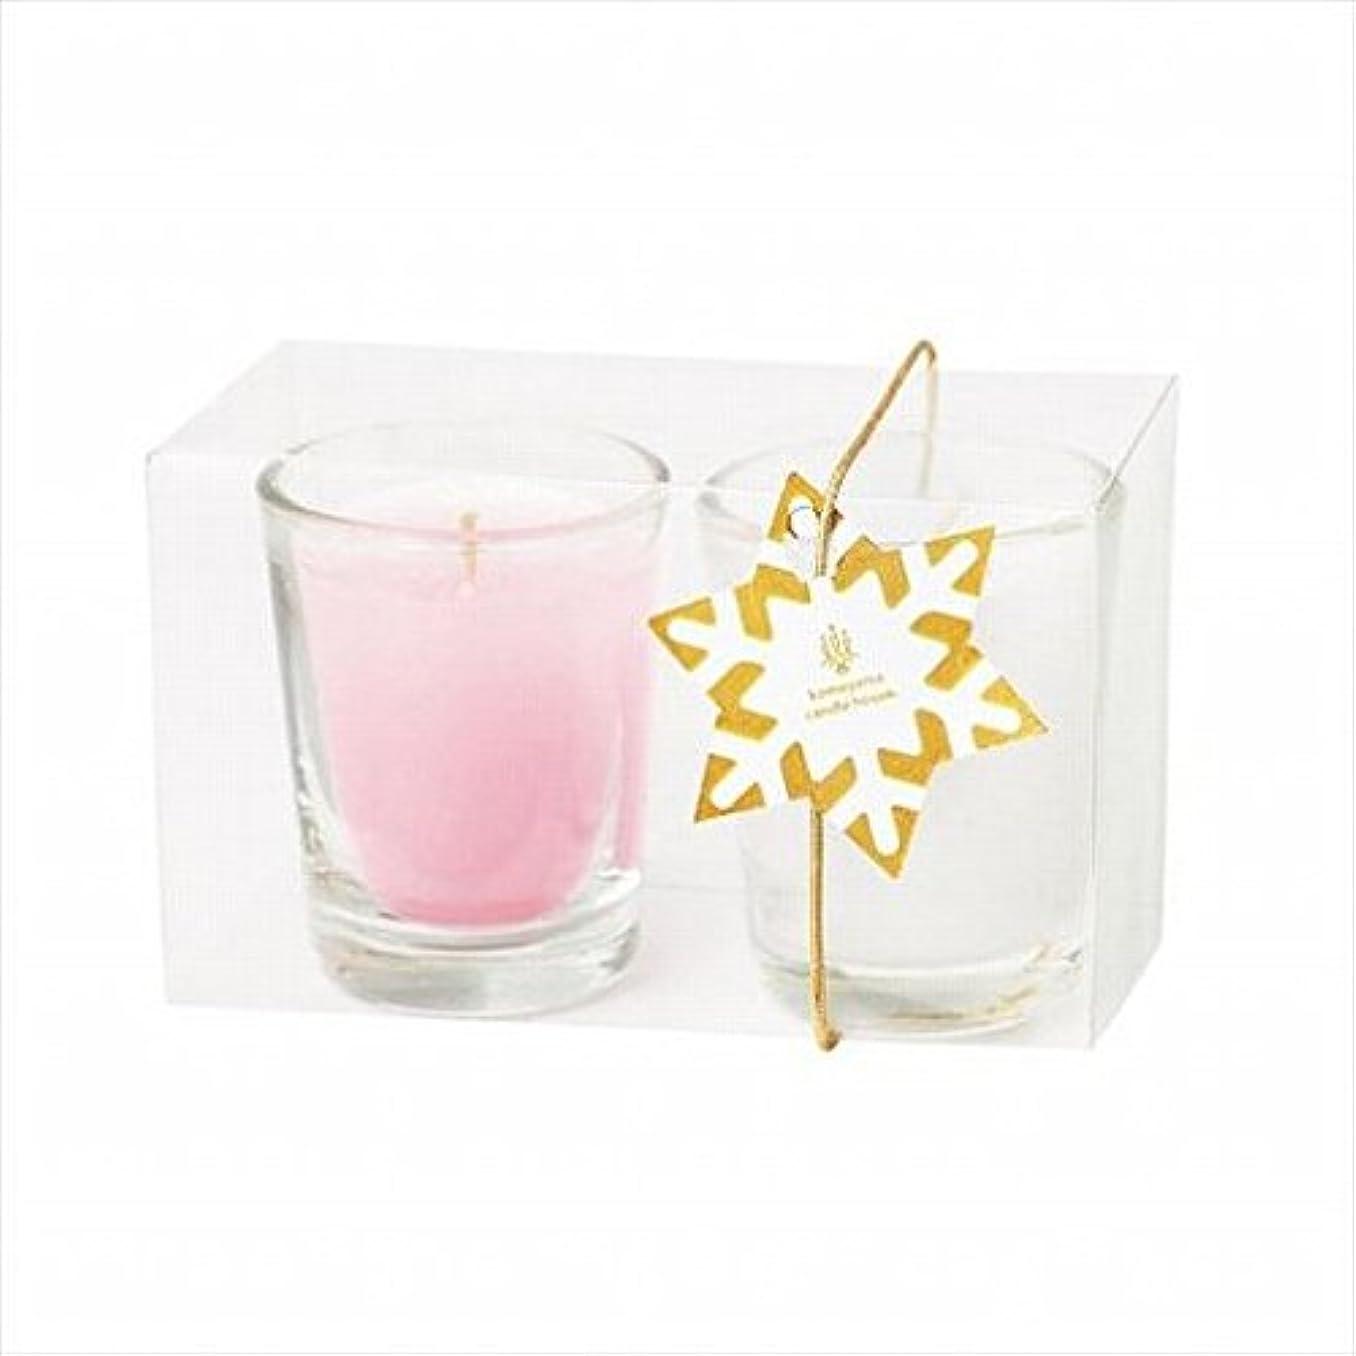 槍スクランブル起こるkameyama candle(カメヤマキャンドル) ミニライト2個入り 「 ホワイト&ピンク 」(A9570020)